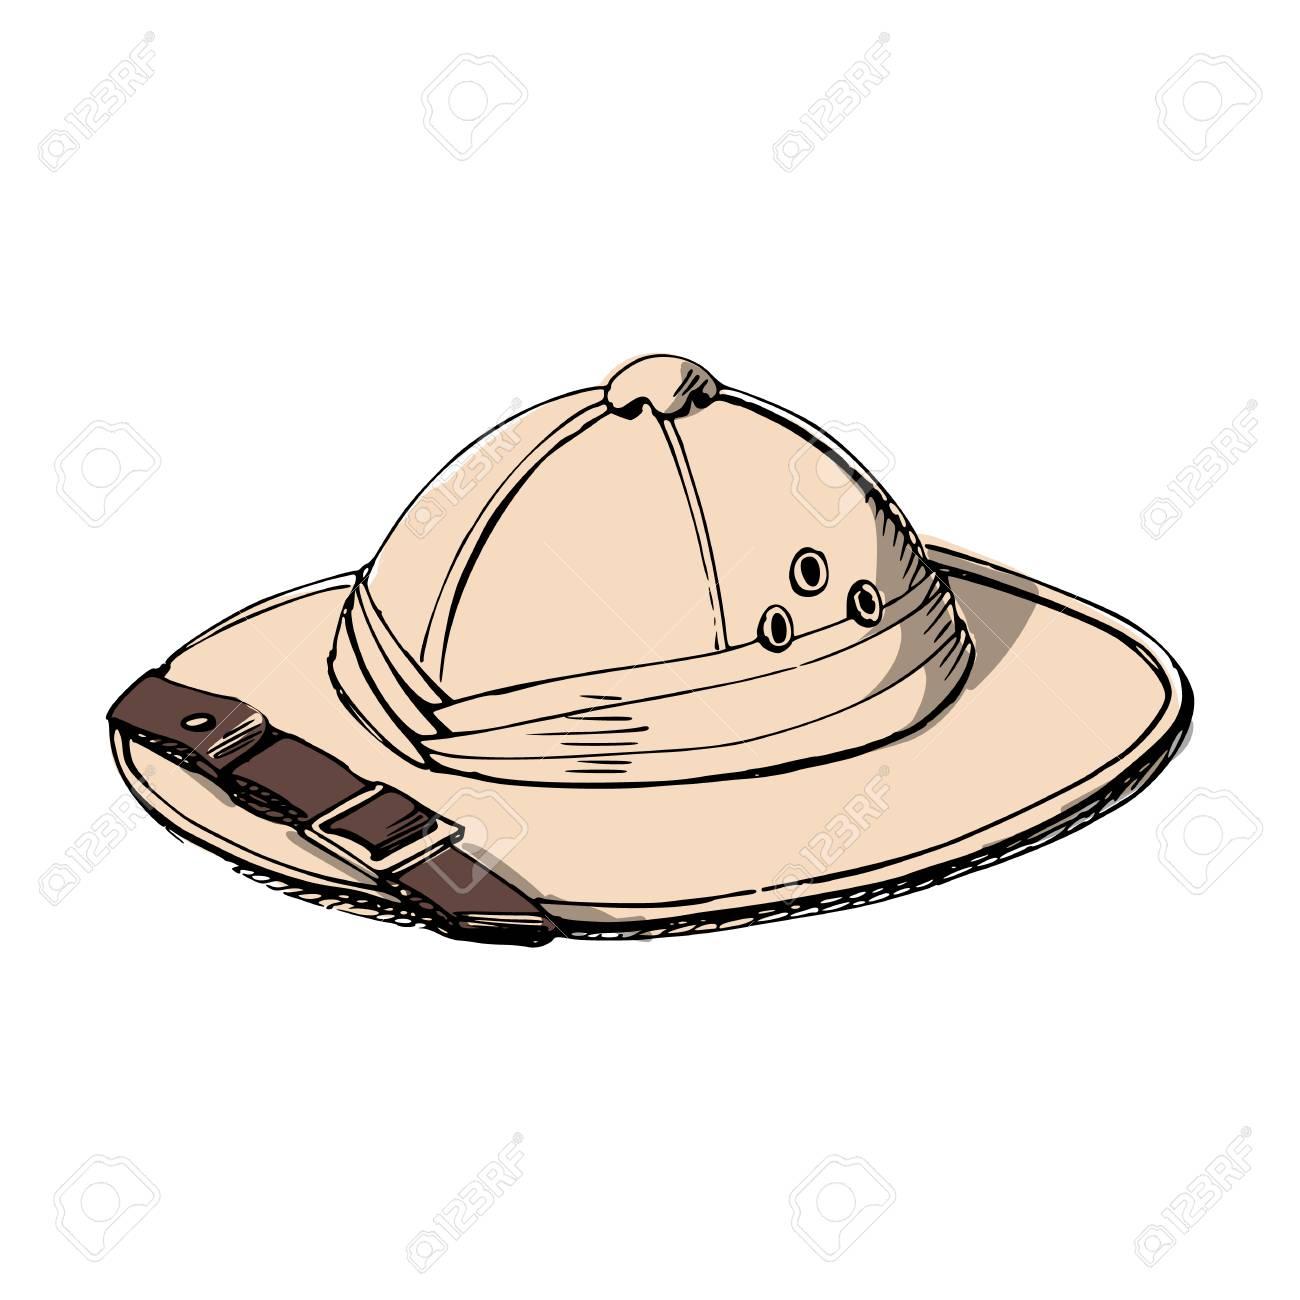 Explorer's hat Illustration on white background..